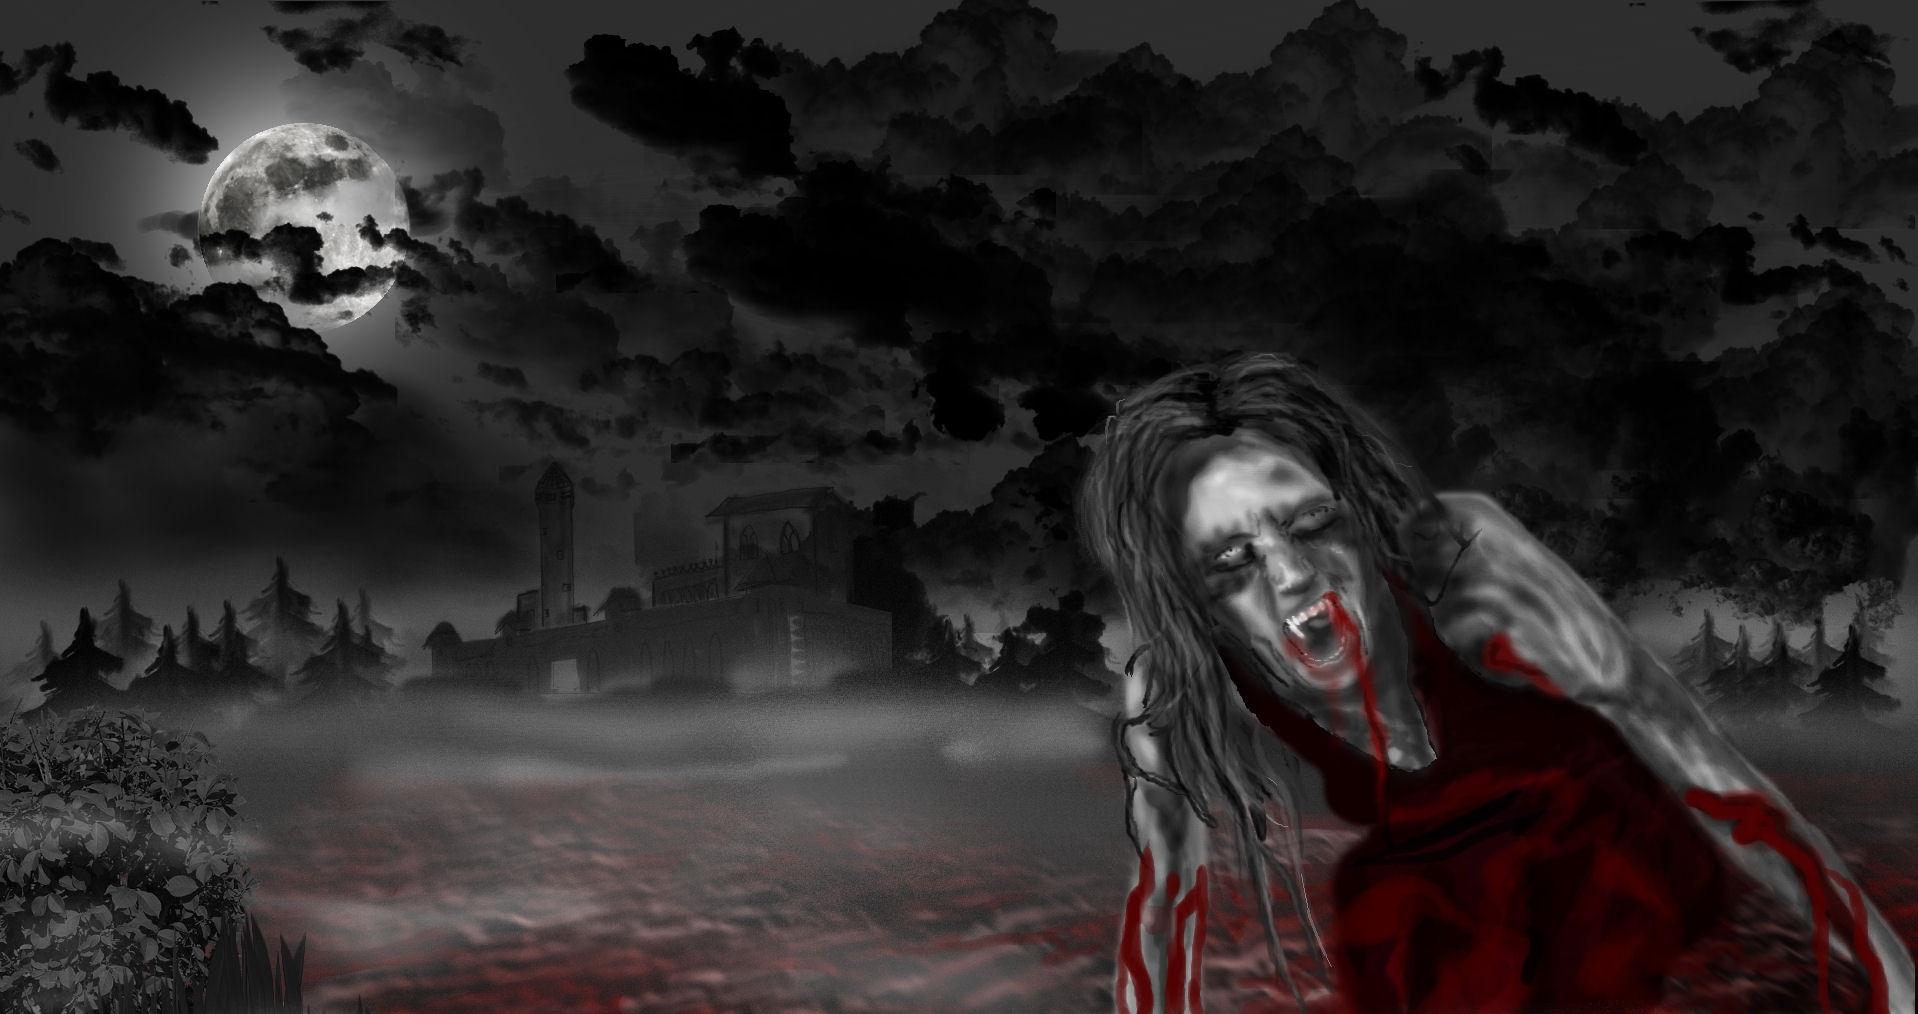 47+ Free Vampire Wallpaper on WallpaperSafari